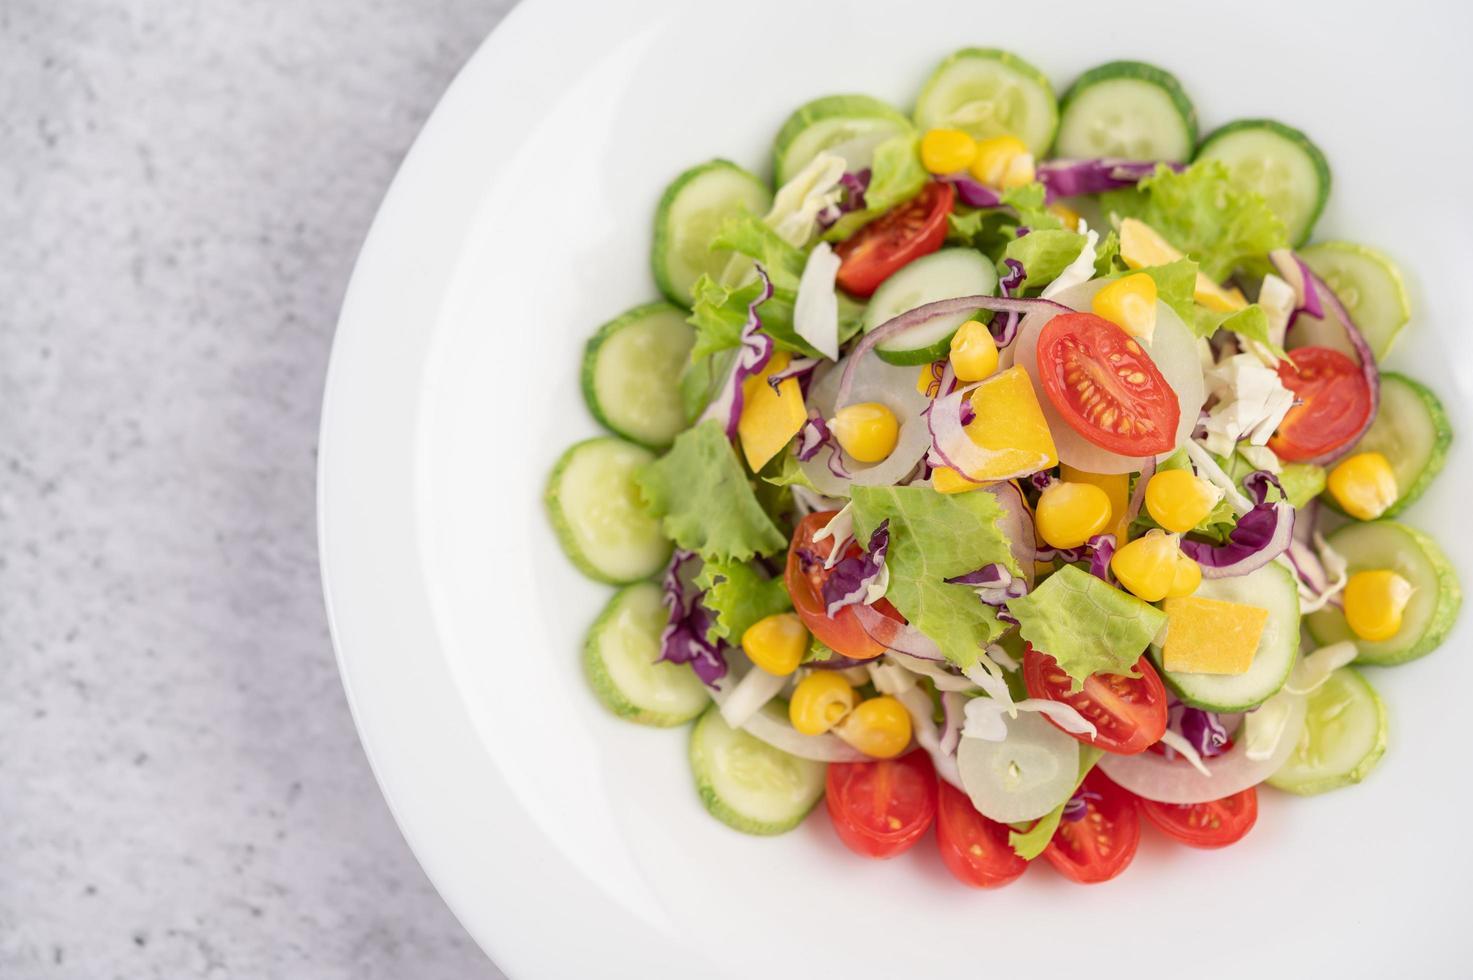 salade de légumes dans un plat blanc photo